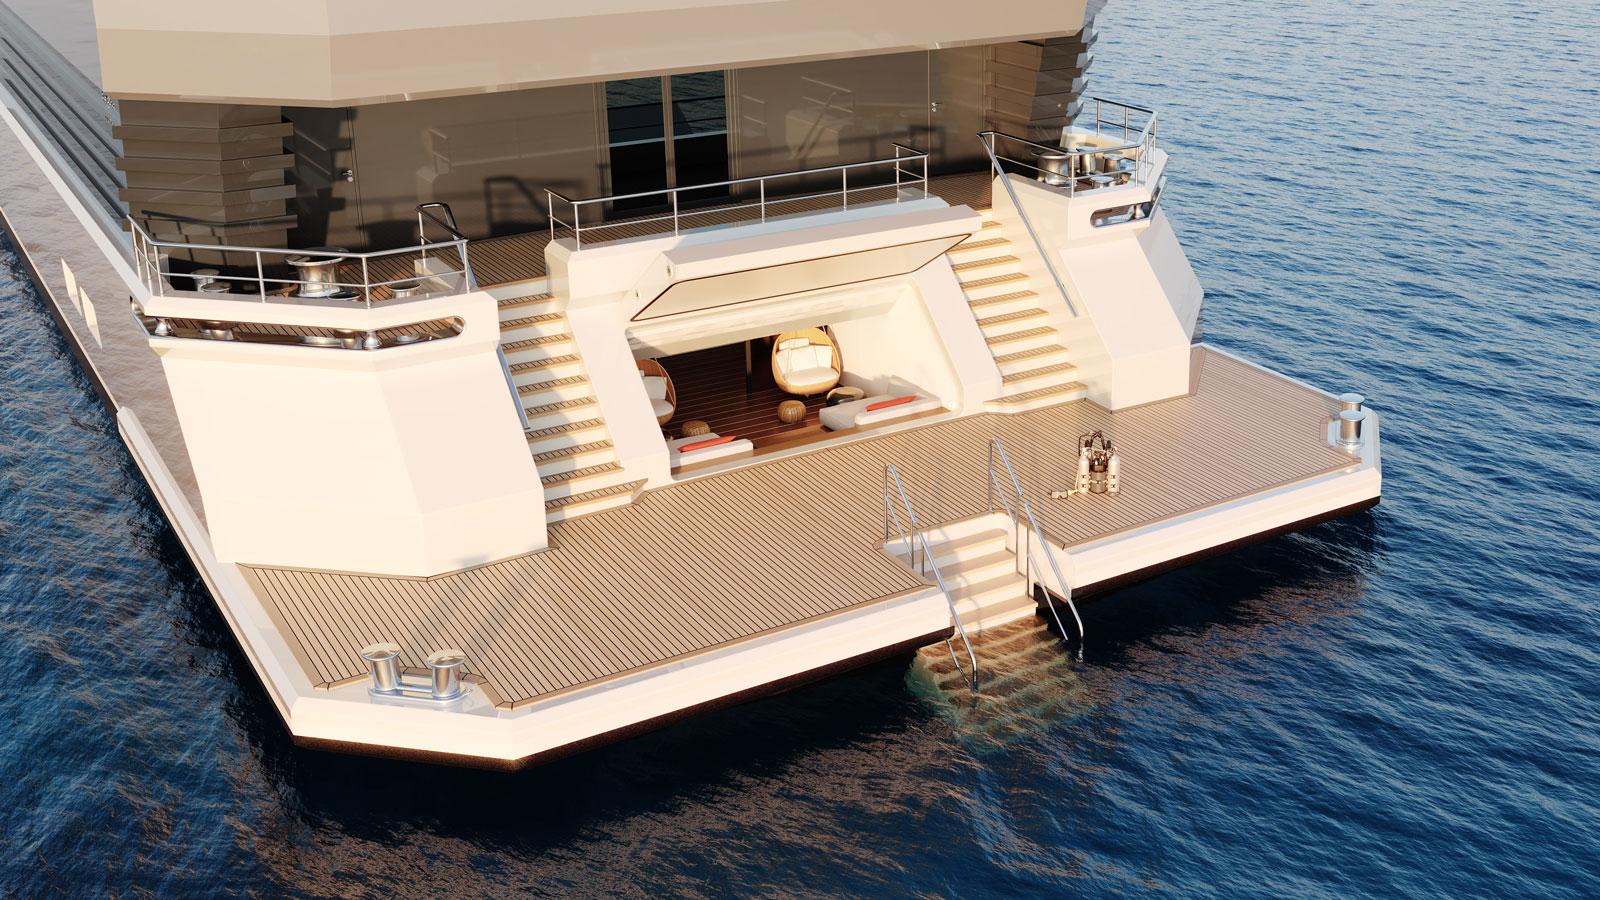 e075f5a0 6700 11eb 9c8d c5f4316e959e Damen Yachting SeaXplorer 77 swim platform